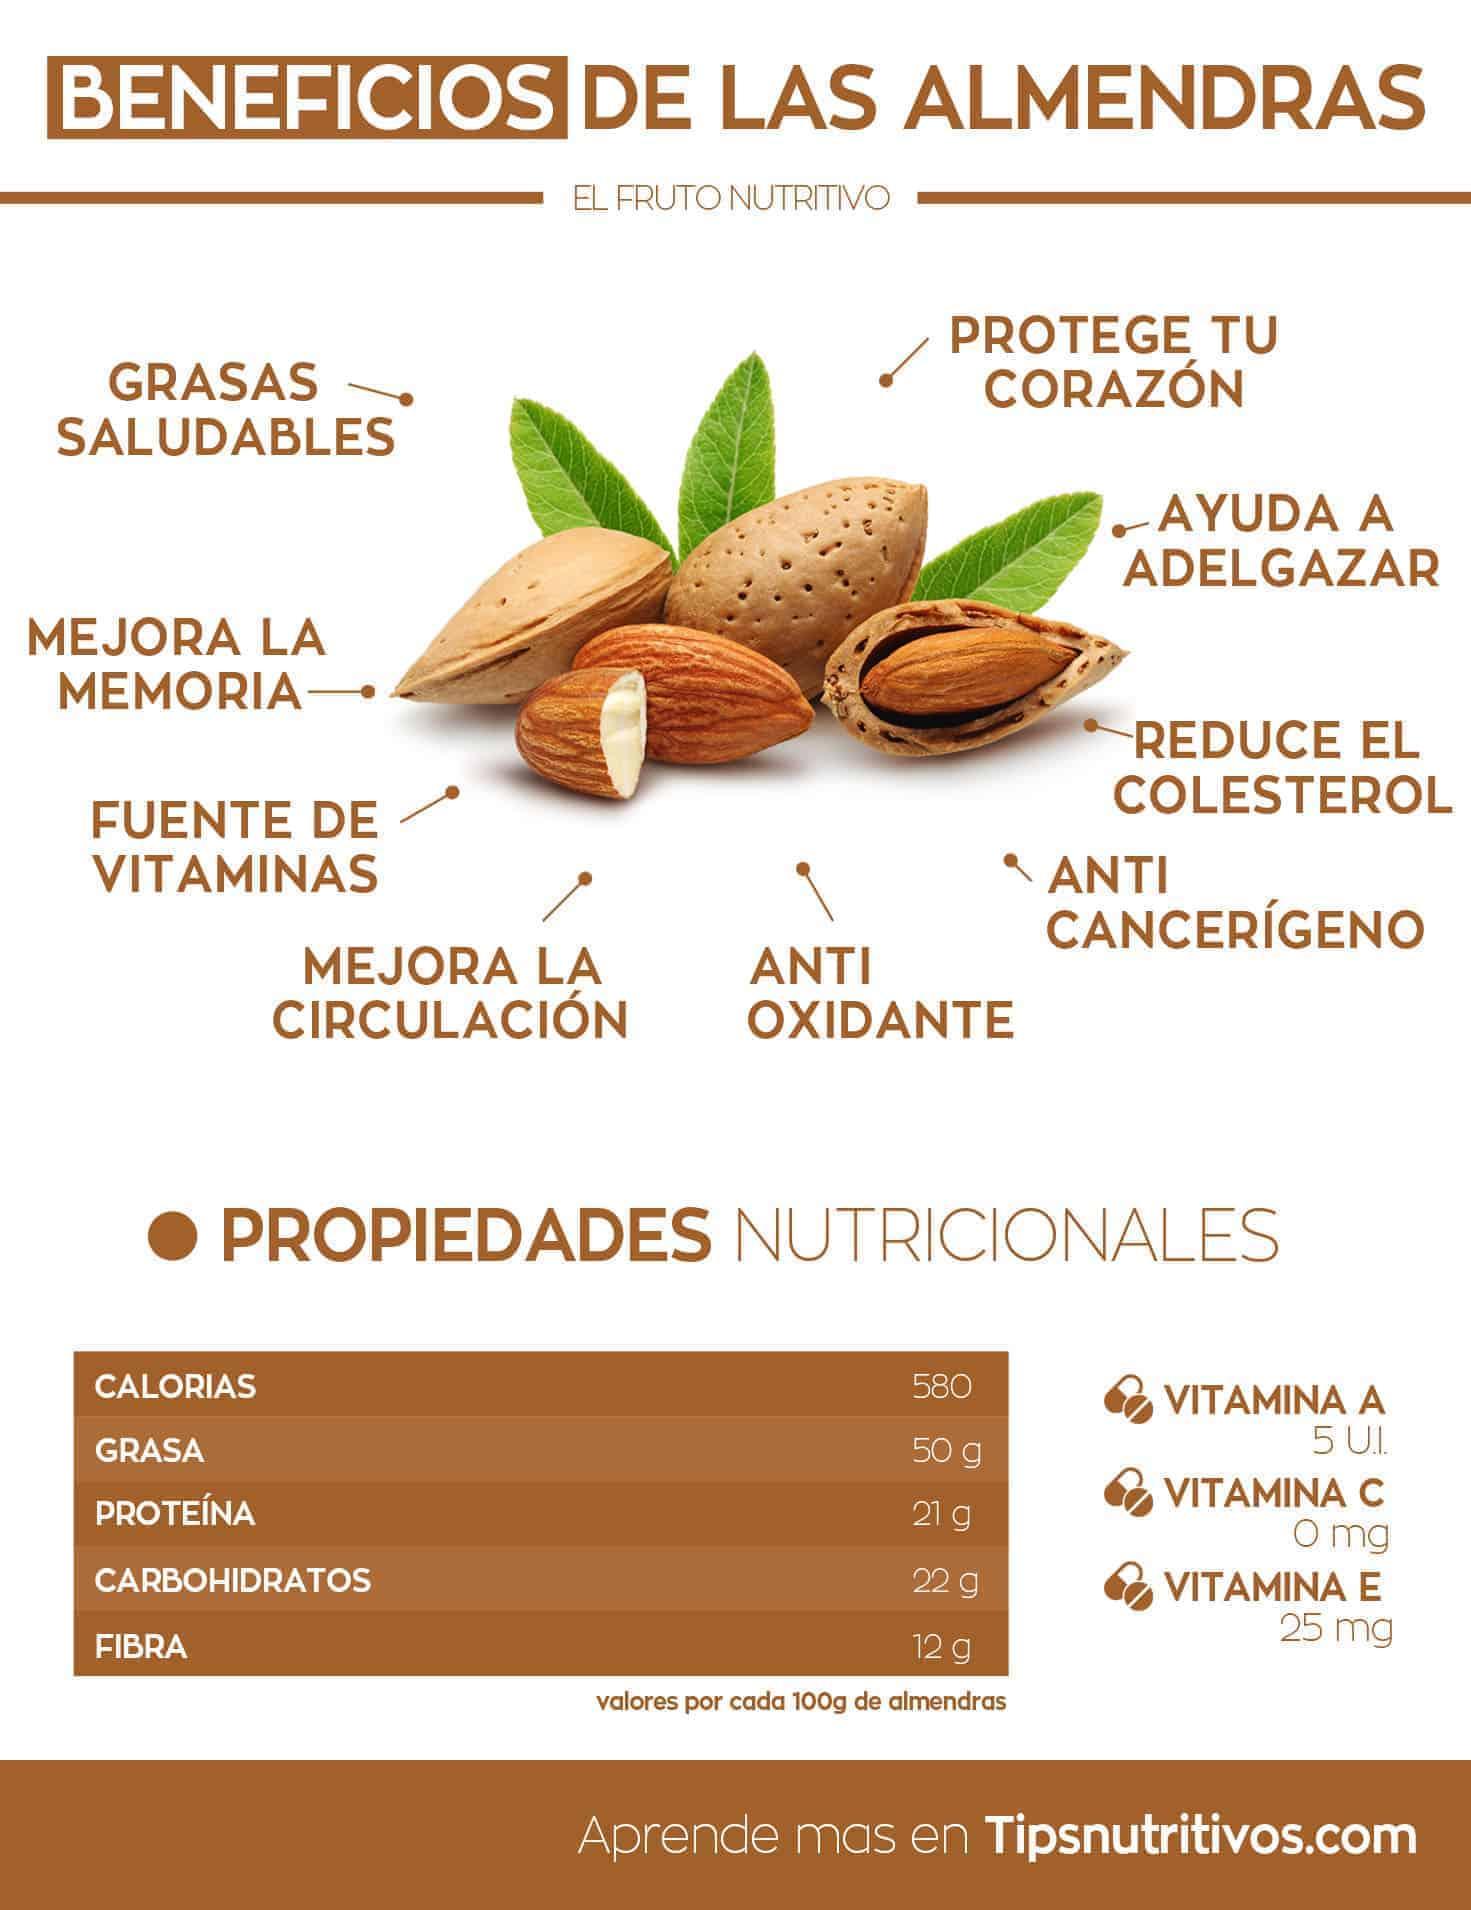 Propiedades y beneficios de las almendras ¿La mejor comida?